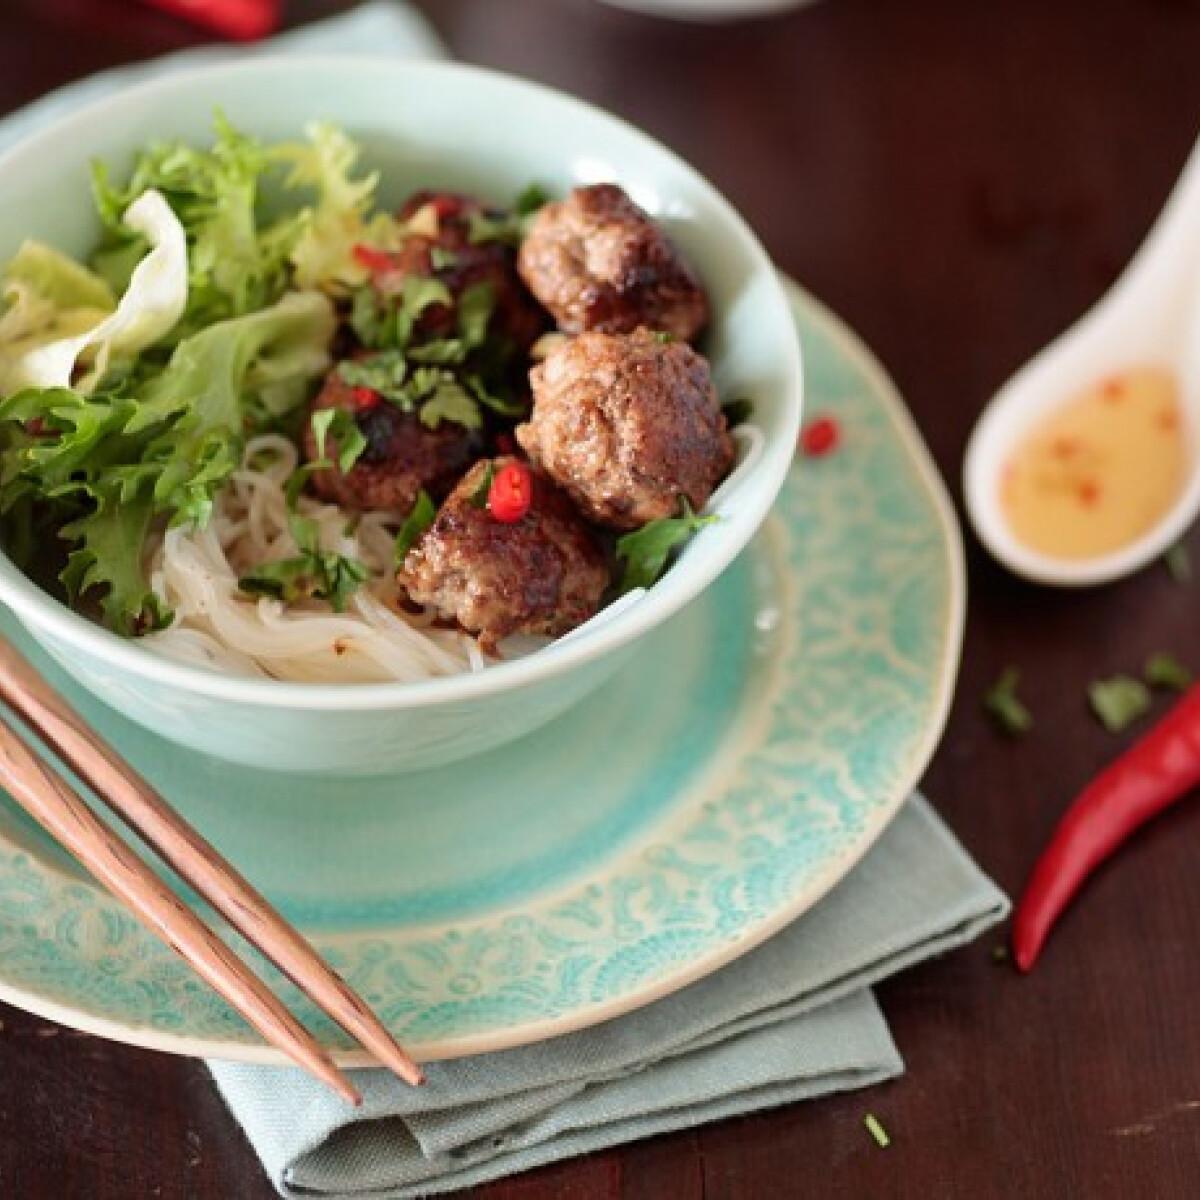 Ezen a képen: Bun cha - a vietnami húsgombócos egytál